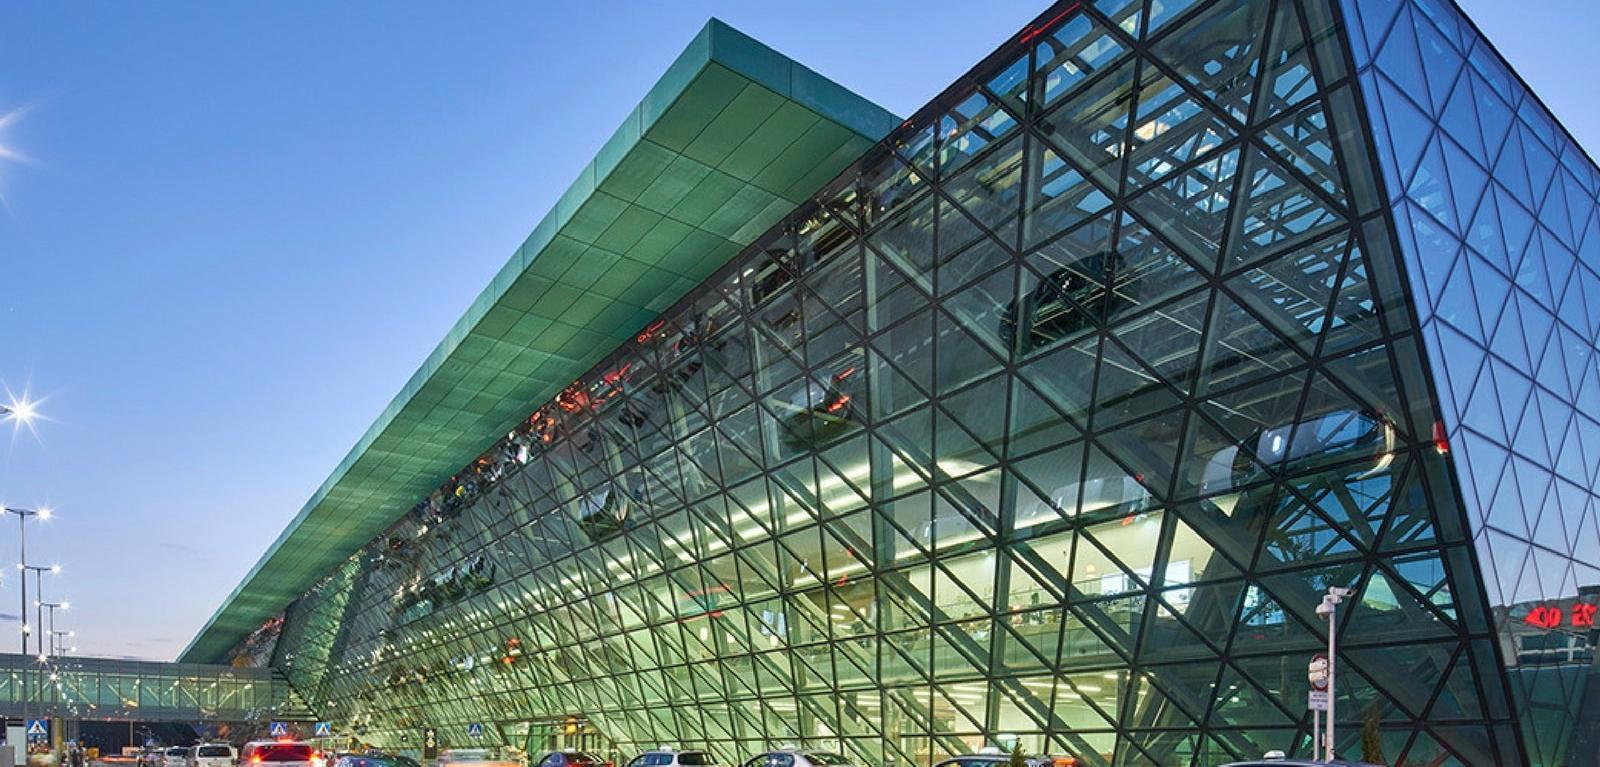 Aeroporto di Cracovia